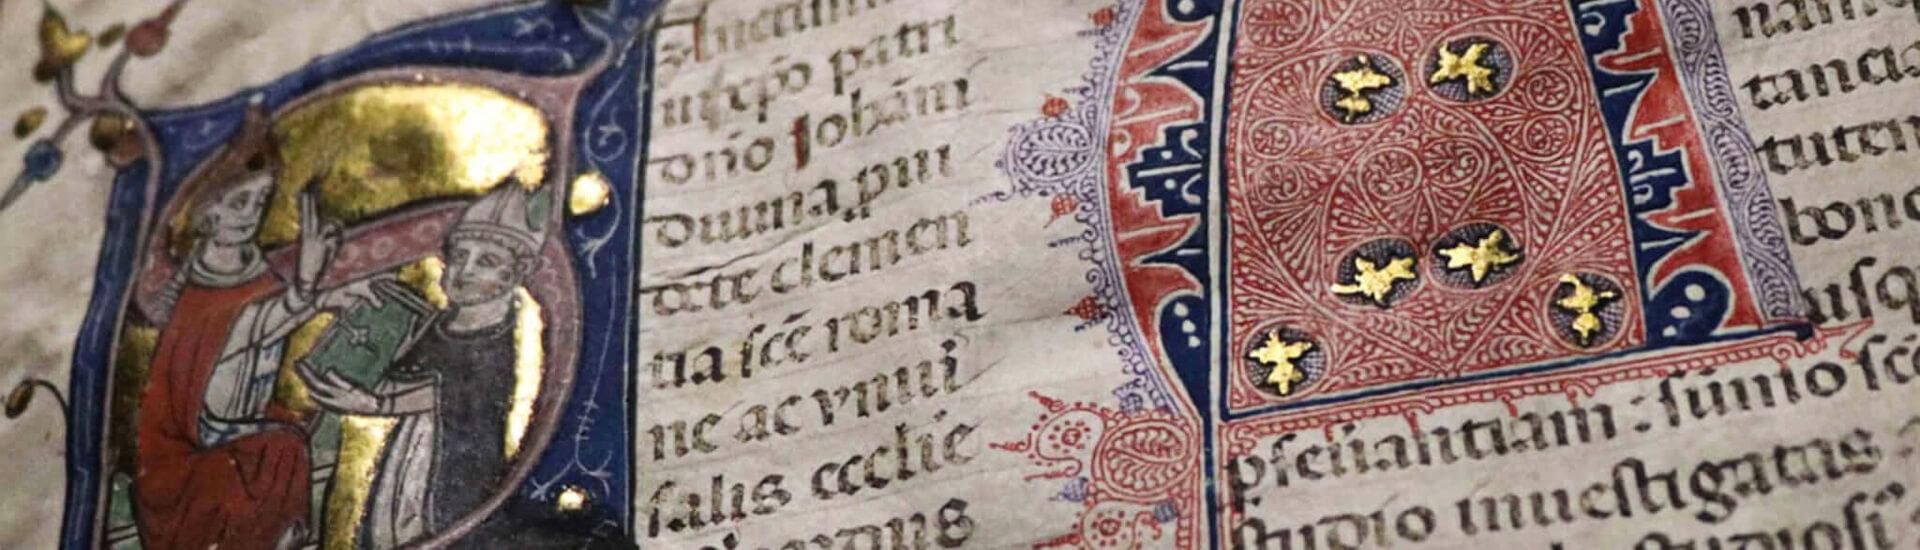 Manuscript detail, PIMS